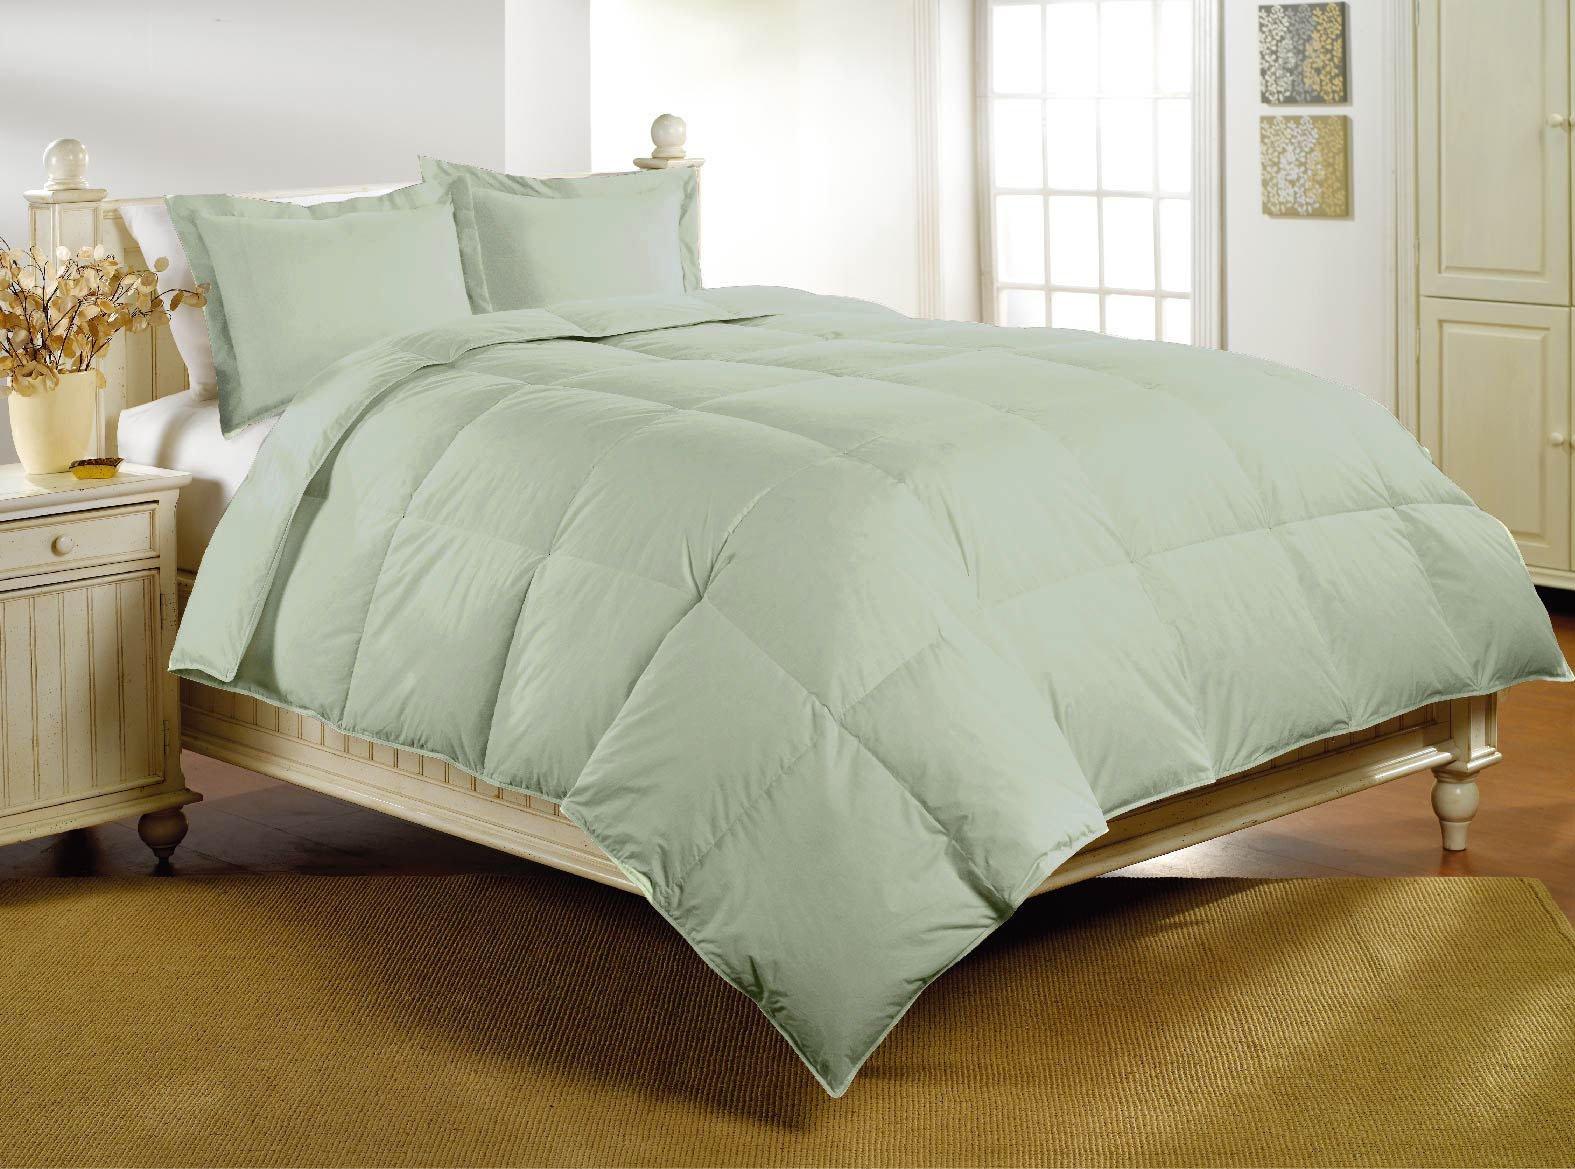 Luxlen Deluxe Sateen 350TC Down Alternative Comforter, Queen, Desert Sage